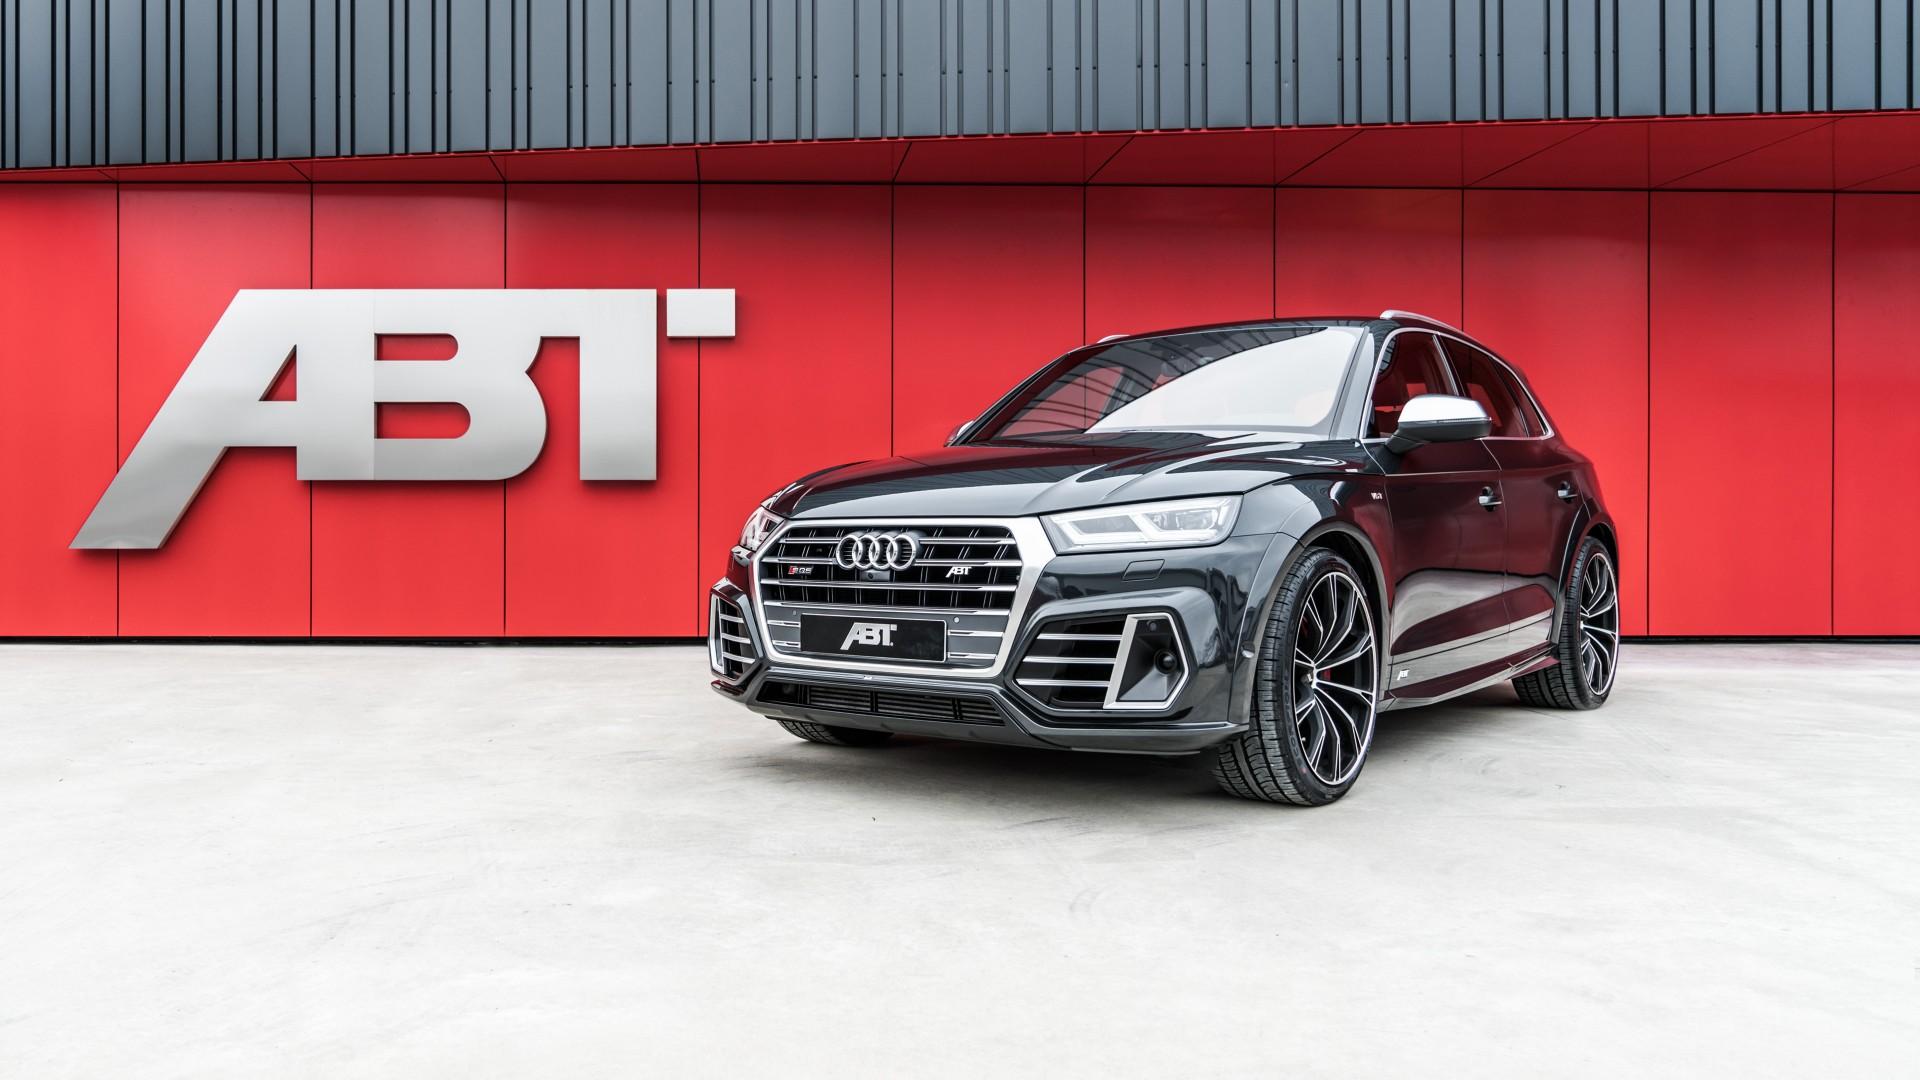 2018 ABT Audi SQ5 Widebody 4K Wallpaper   HD Car ...